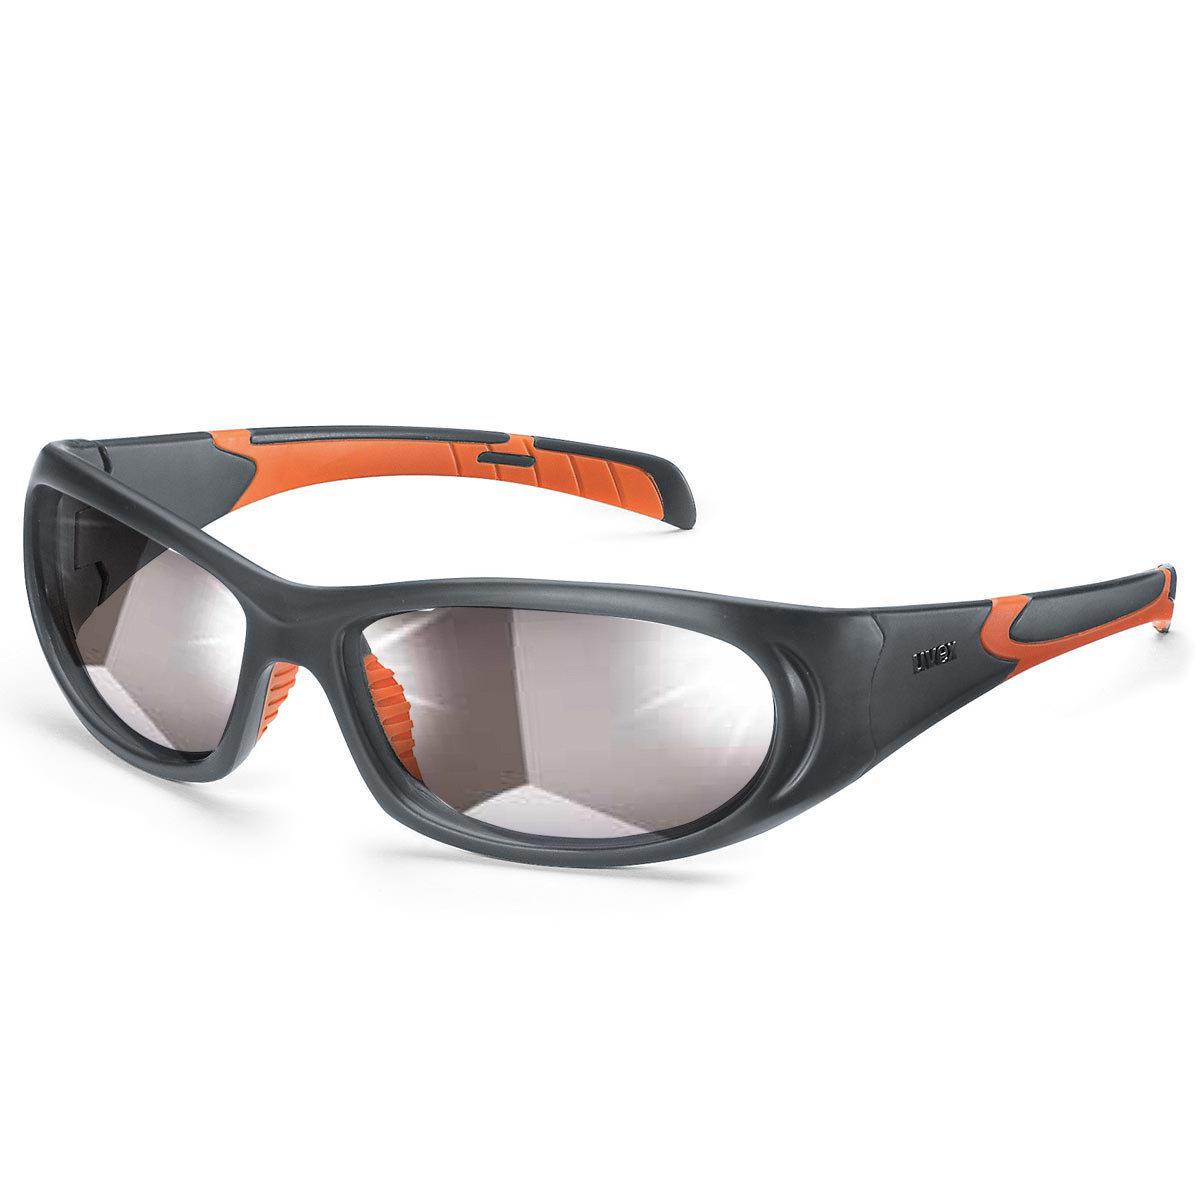 Uvex Korrektionsschutzbrille RX sp 5510 - Selbsttönend